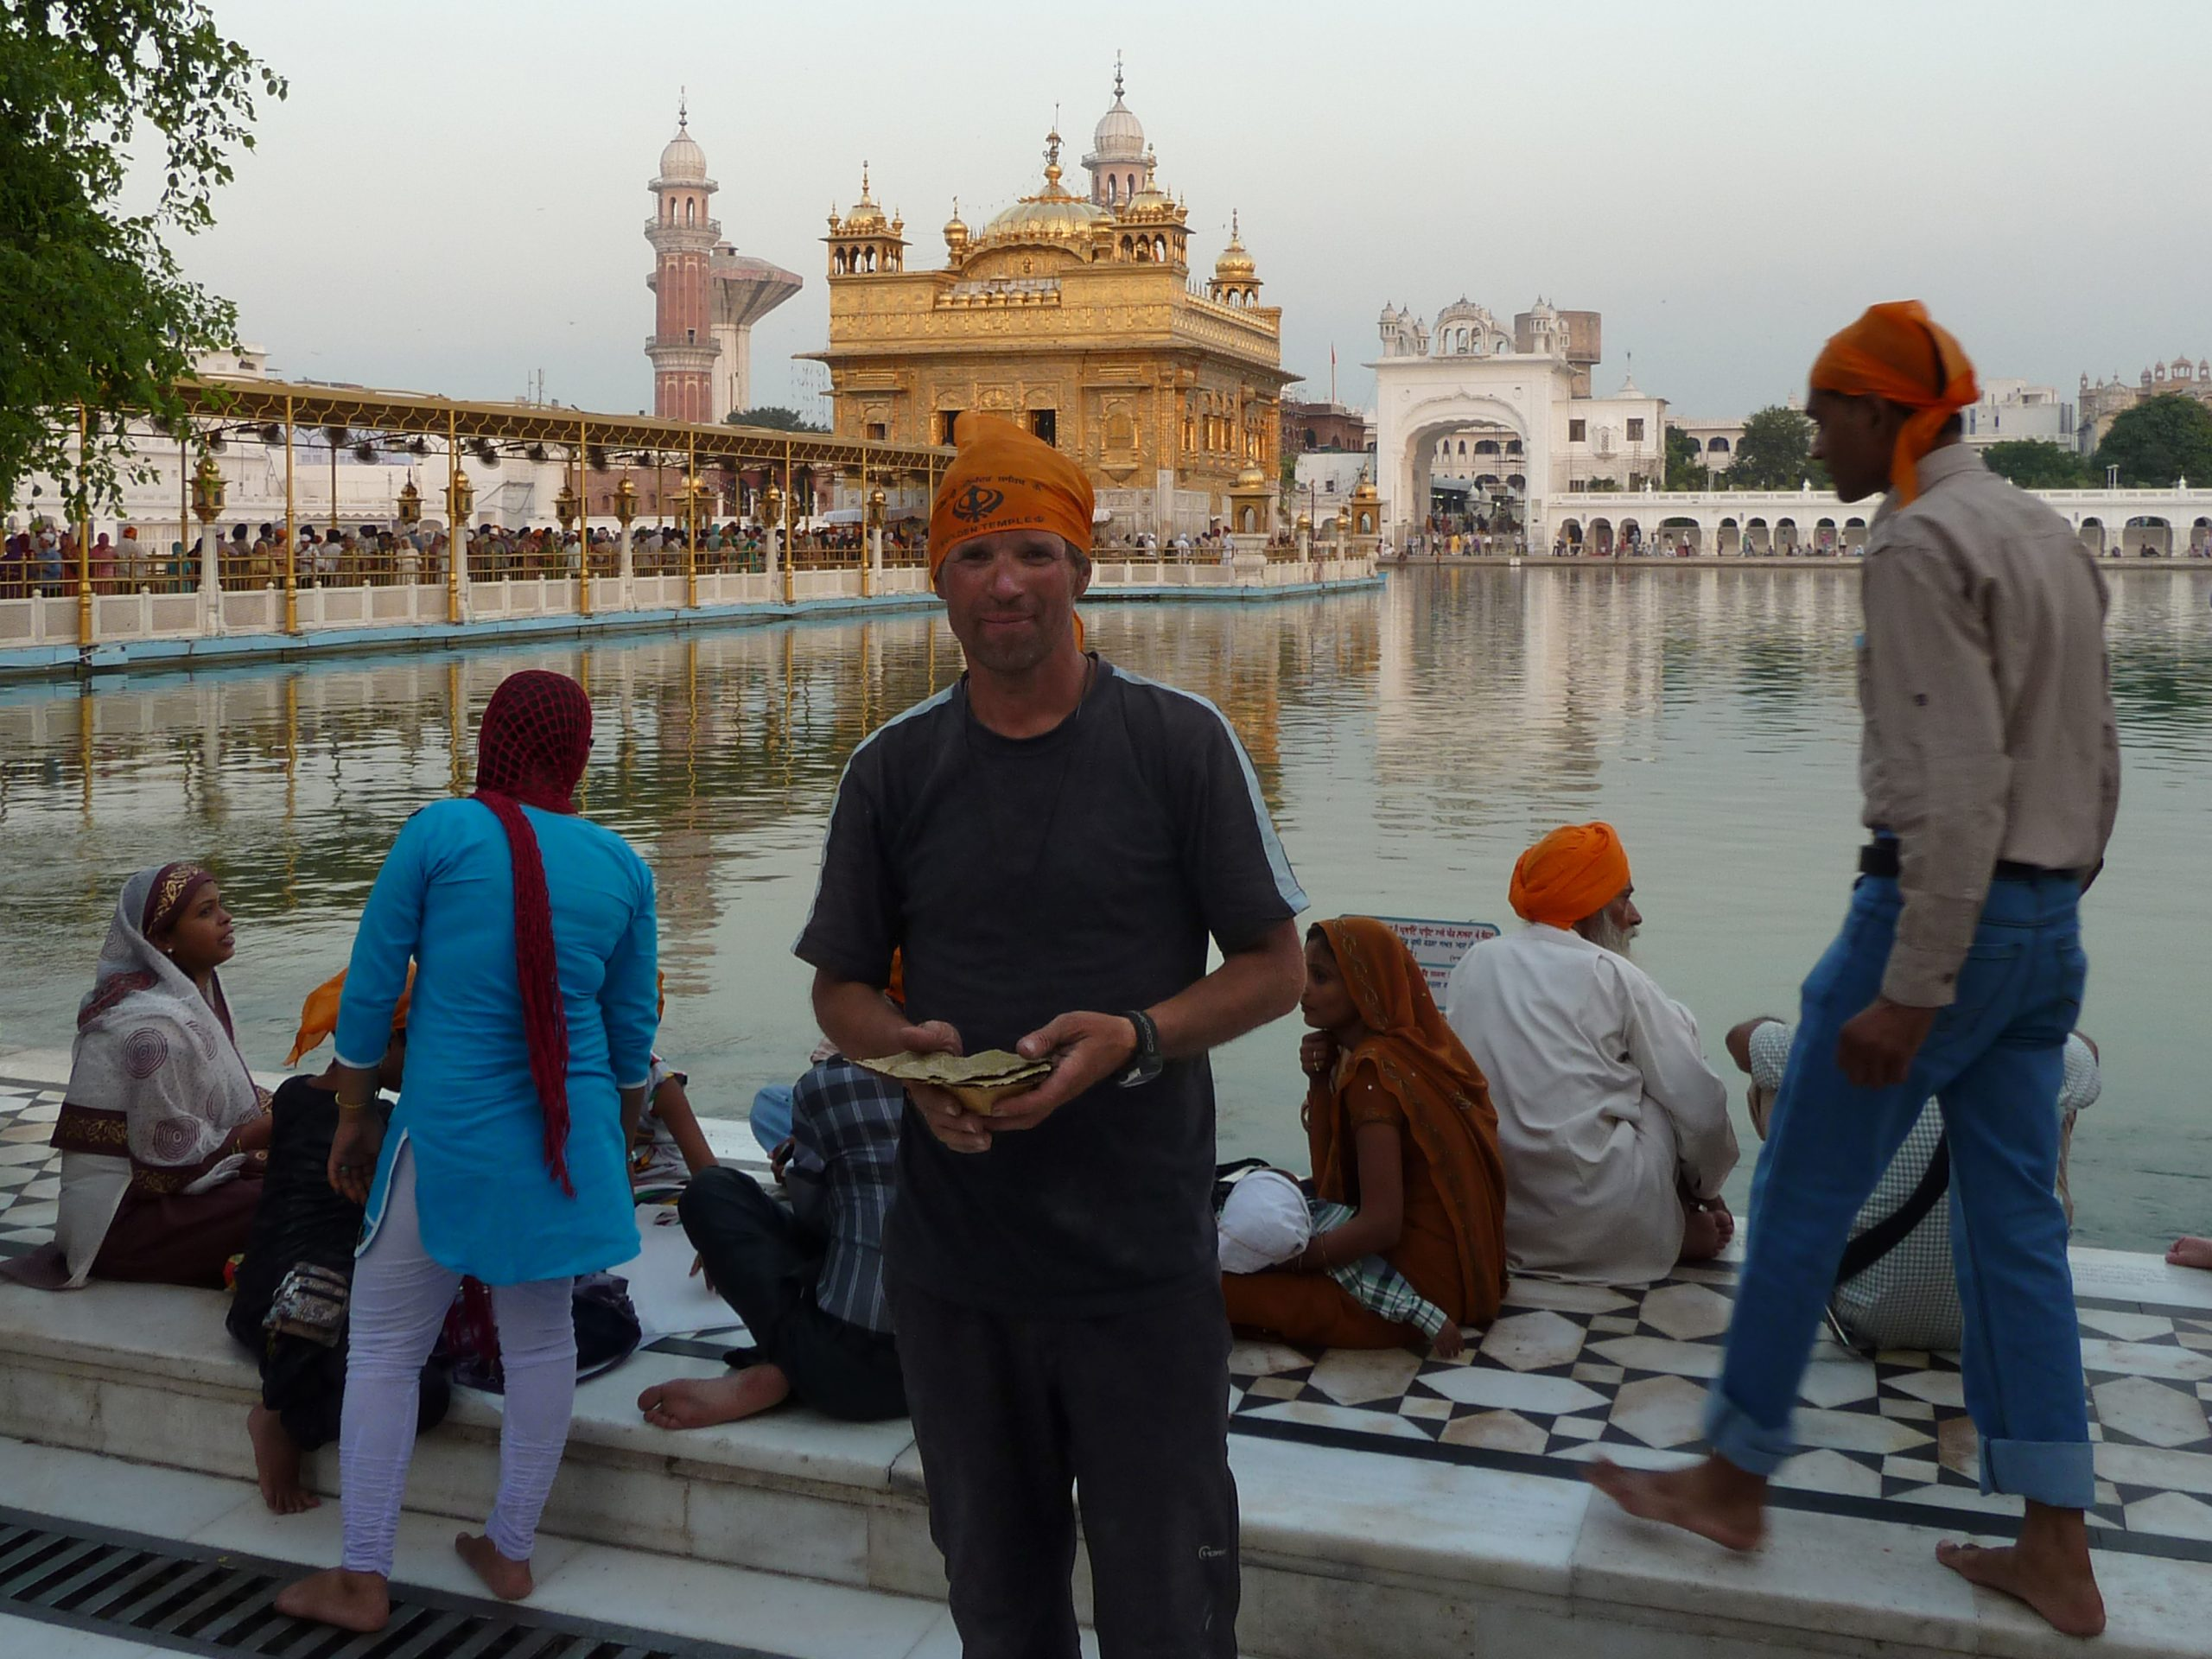 Radreise Ladakh 2012 - Amritsar - Goldener Tempel der Sikh